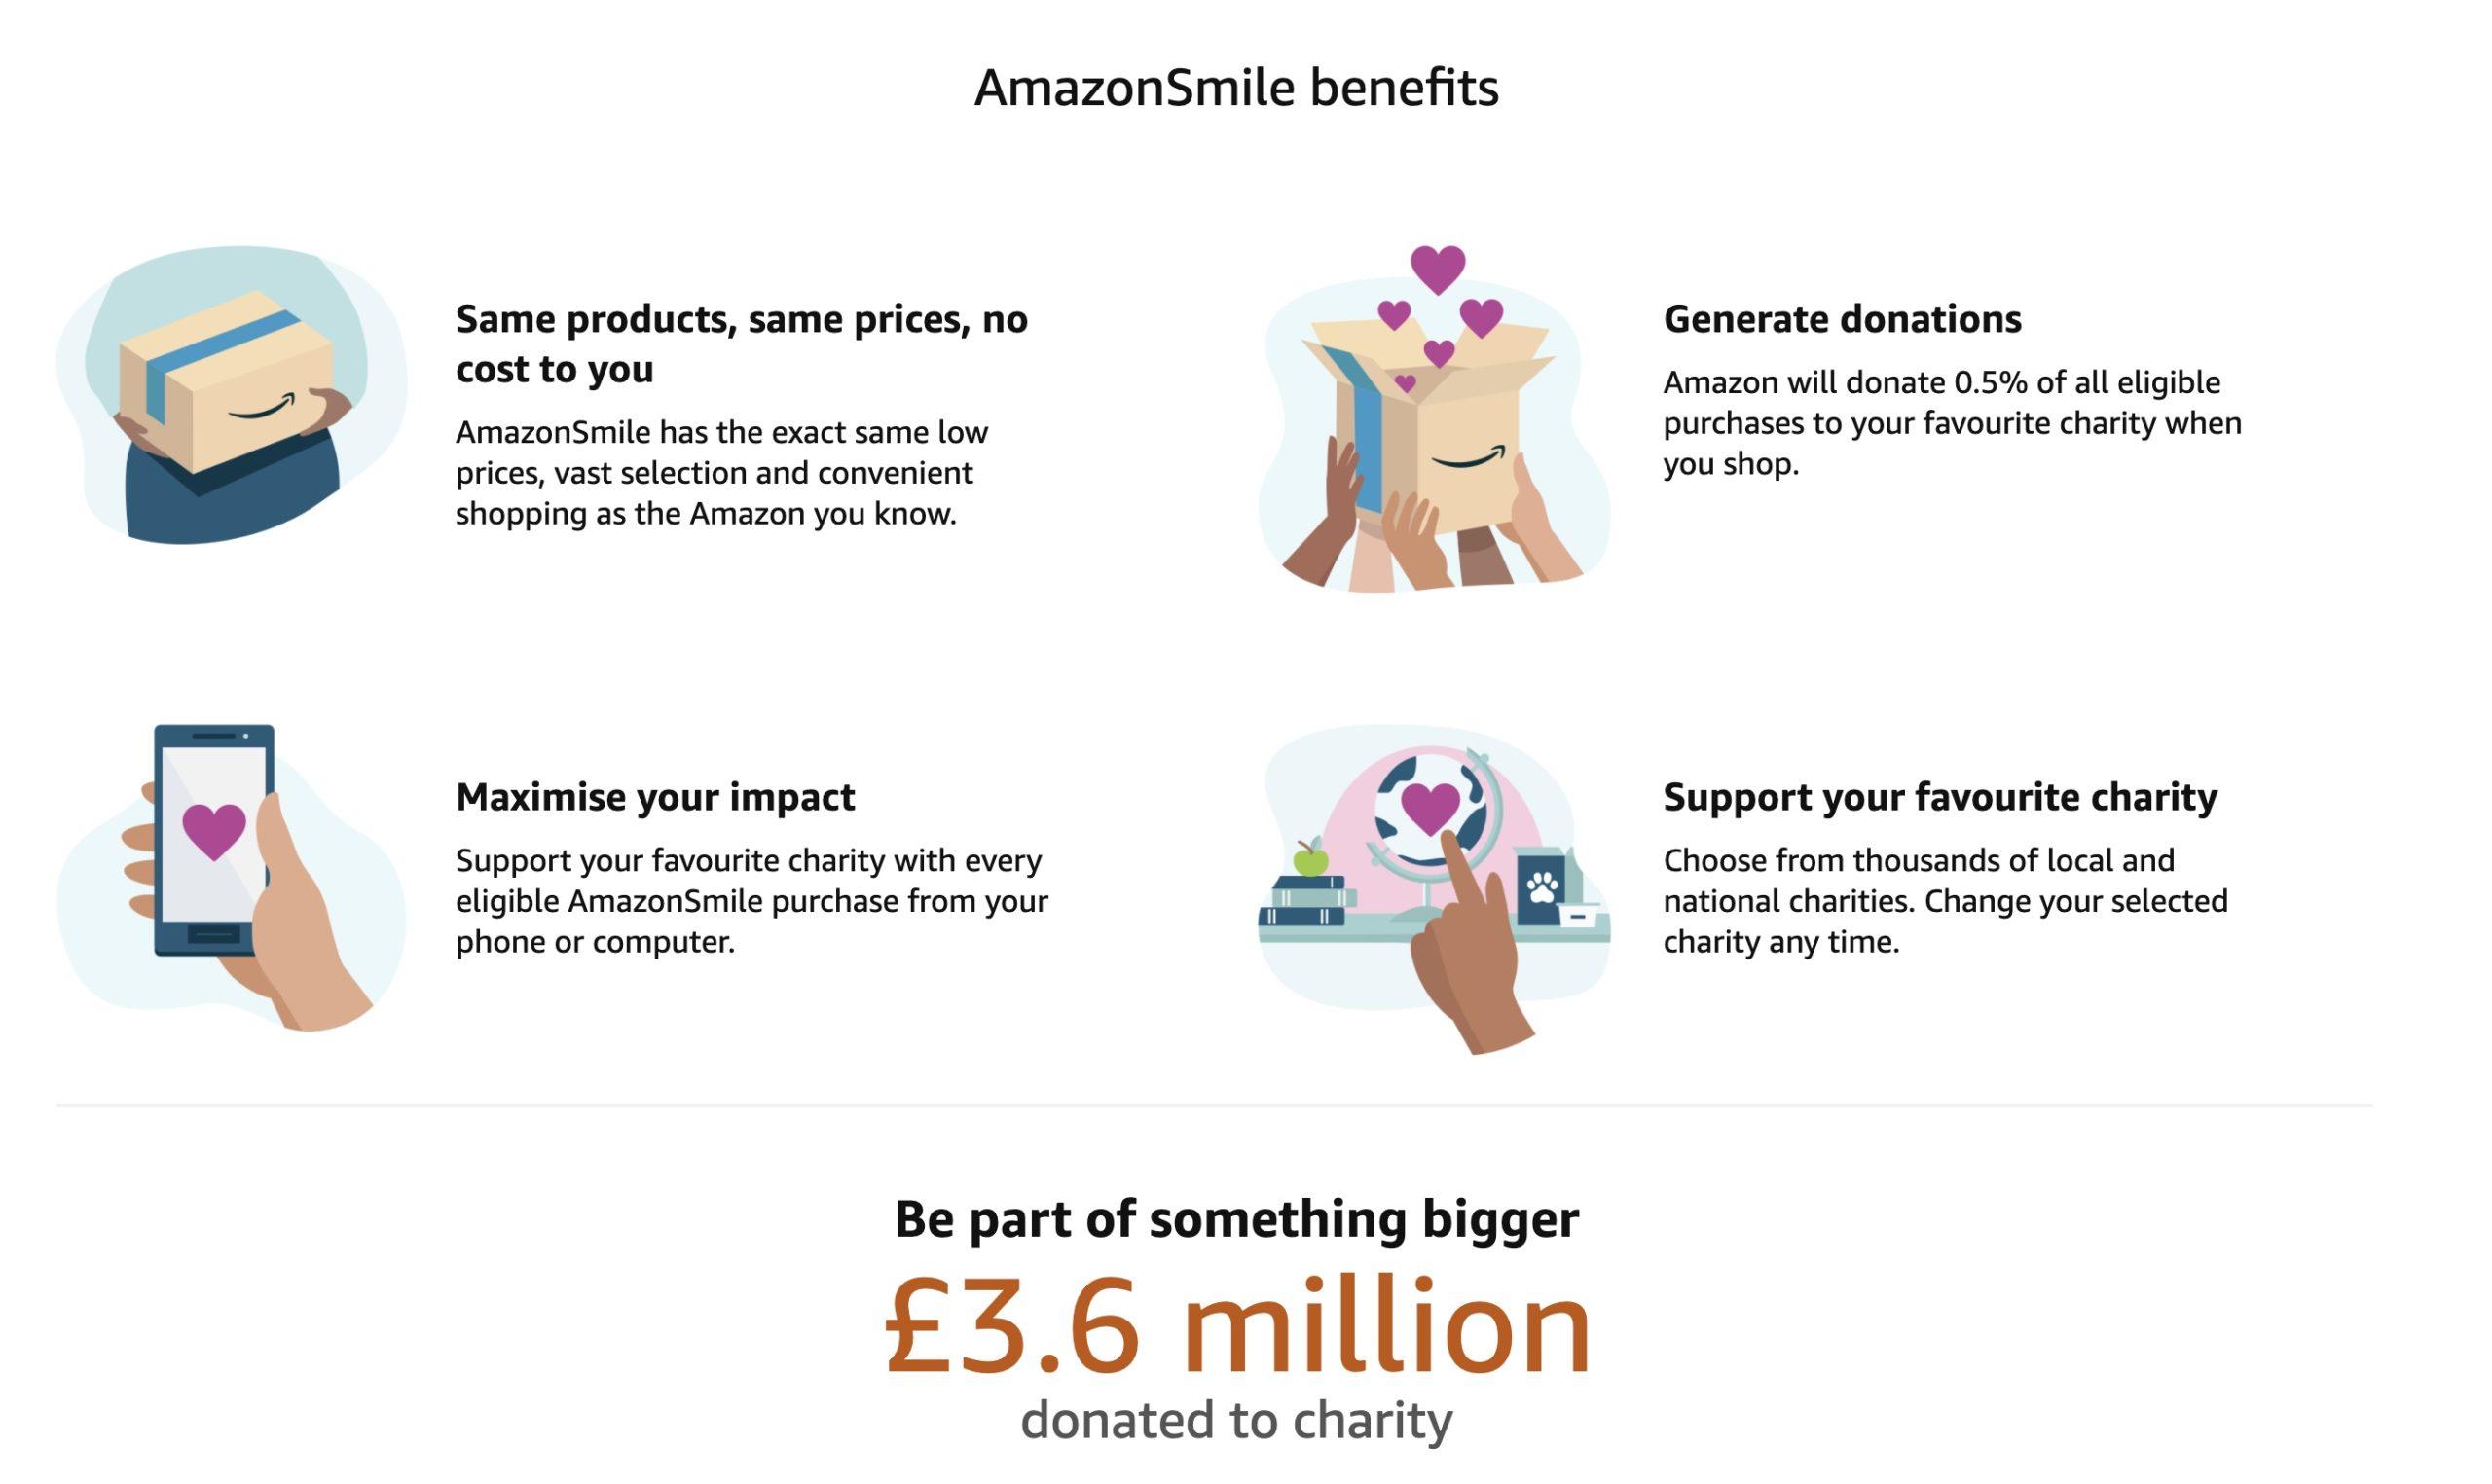 The benefits of Amazon Smile - source: Amazon.co.uk